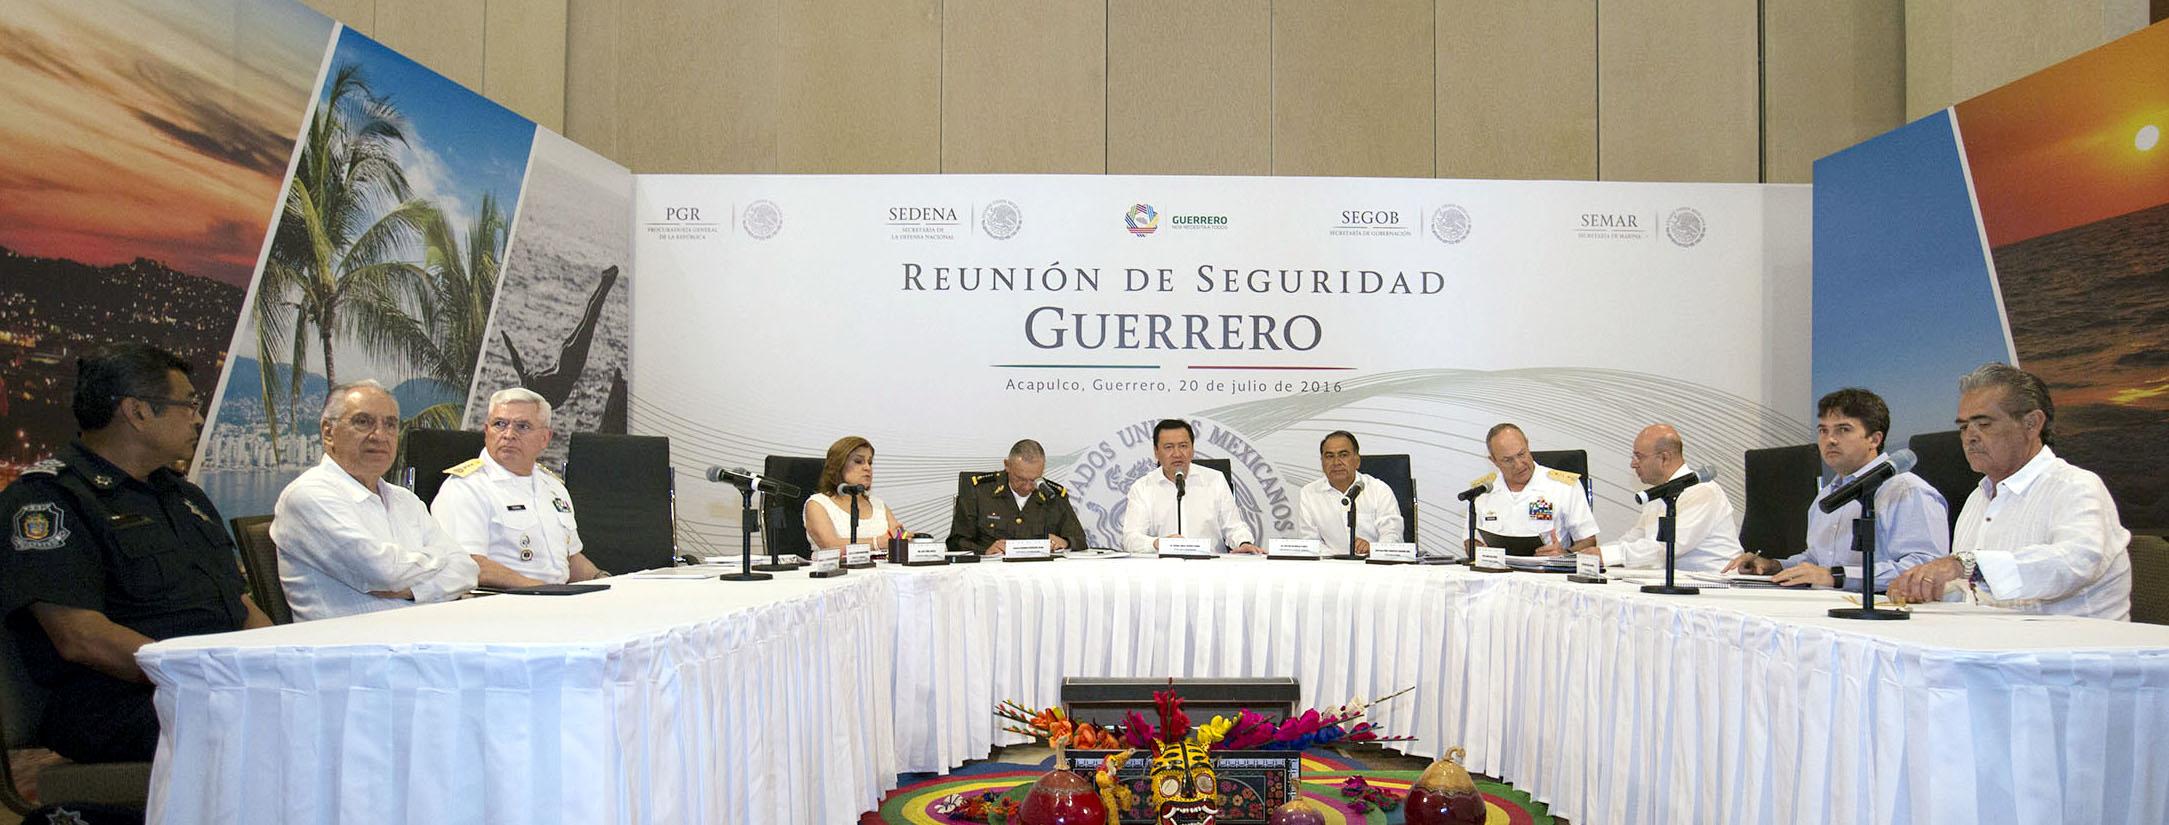 Reunión de Seguridad Guerrero